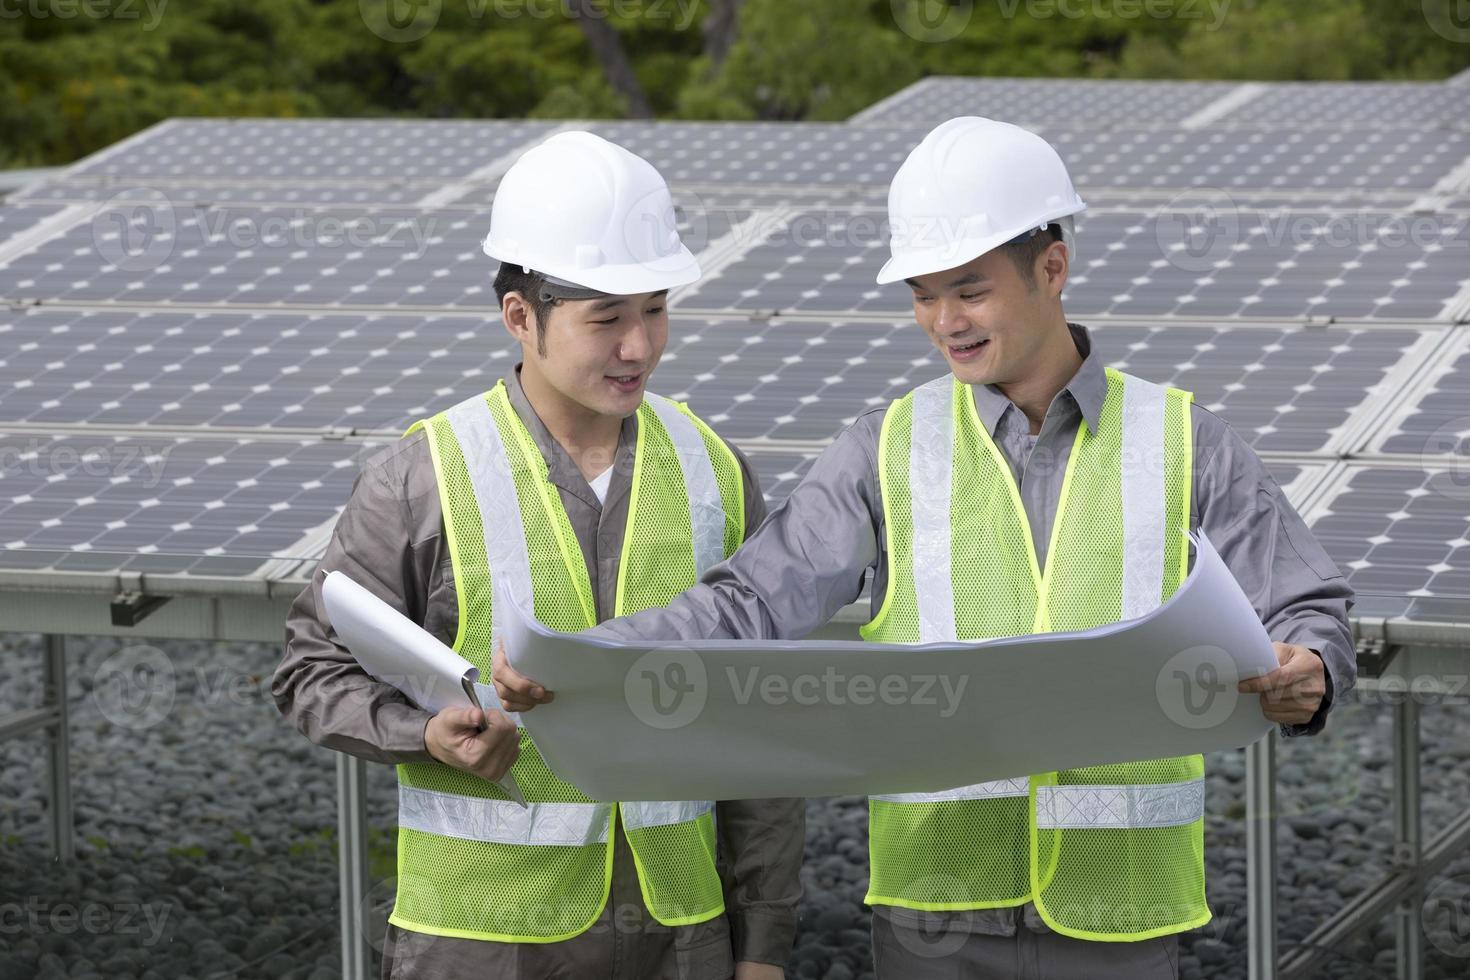 deux ingénieurs de panneaux solaires asiatiques au travail. photo